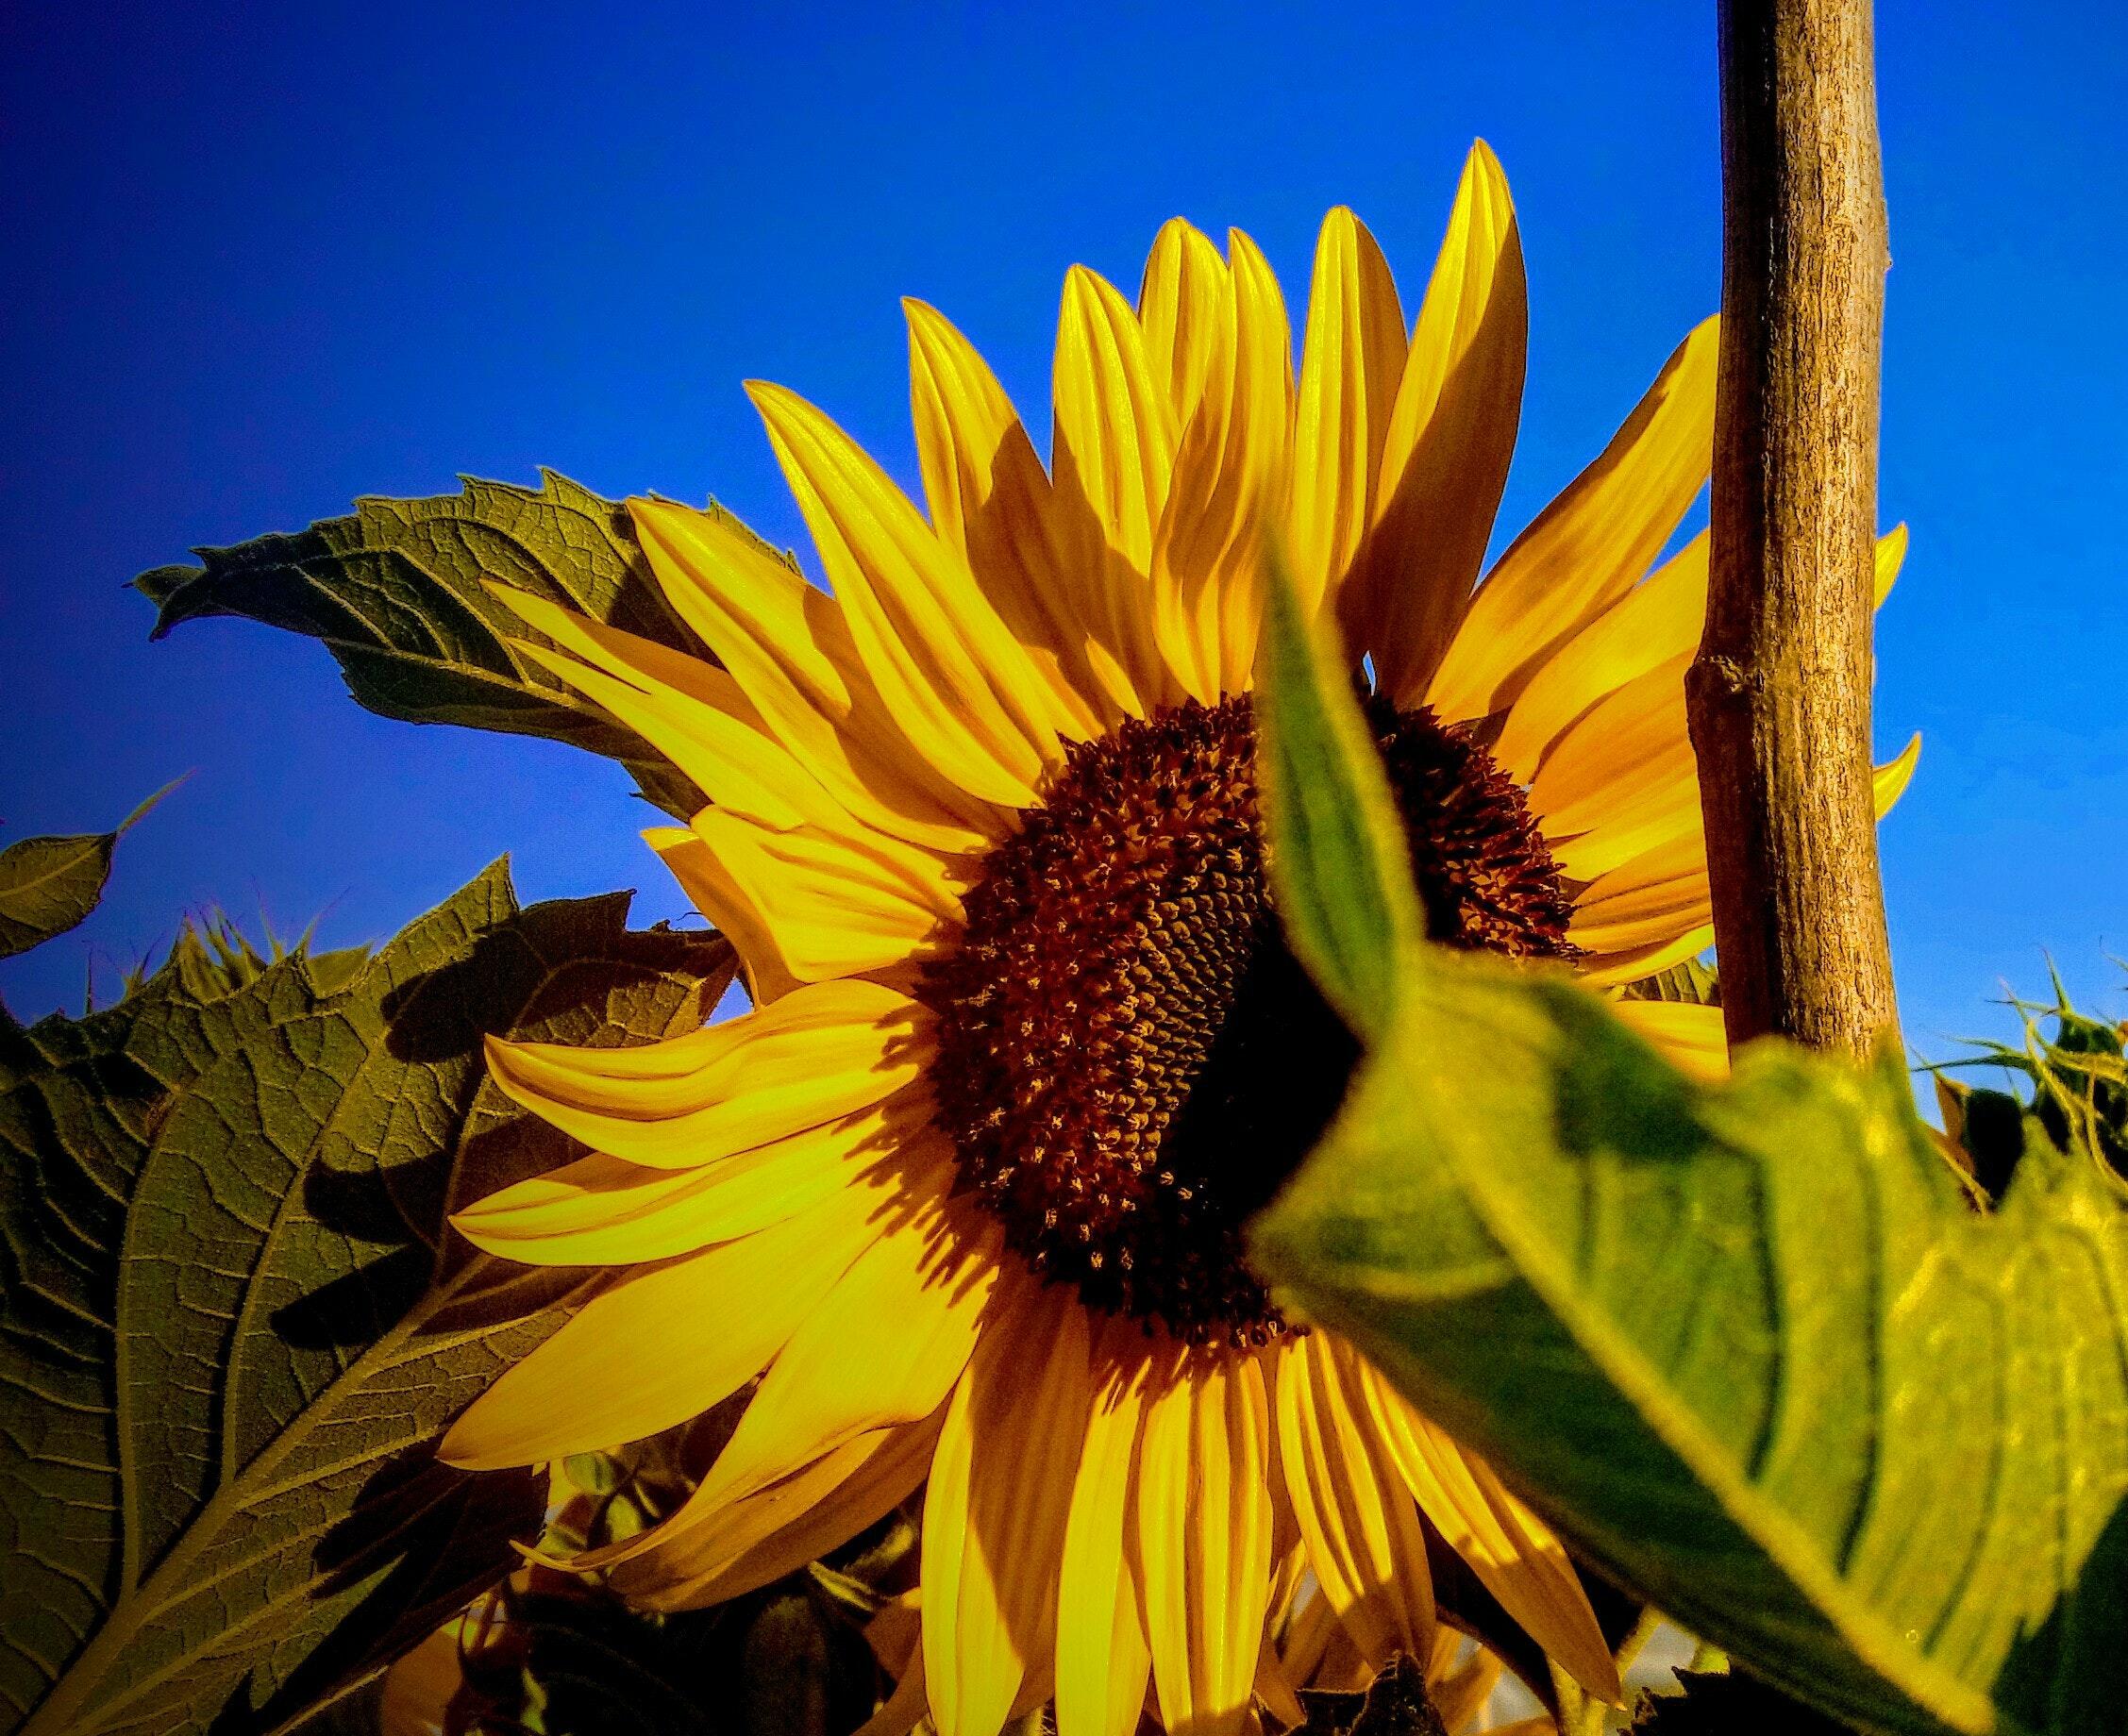 Fondo De Pantalla Gratis De Flores: Fondo De Pantalla De Girasoles